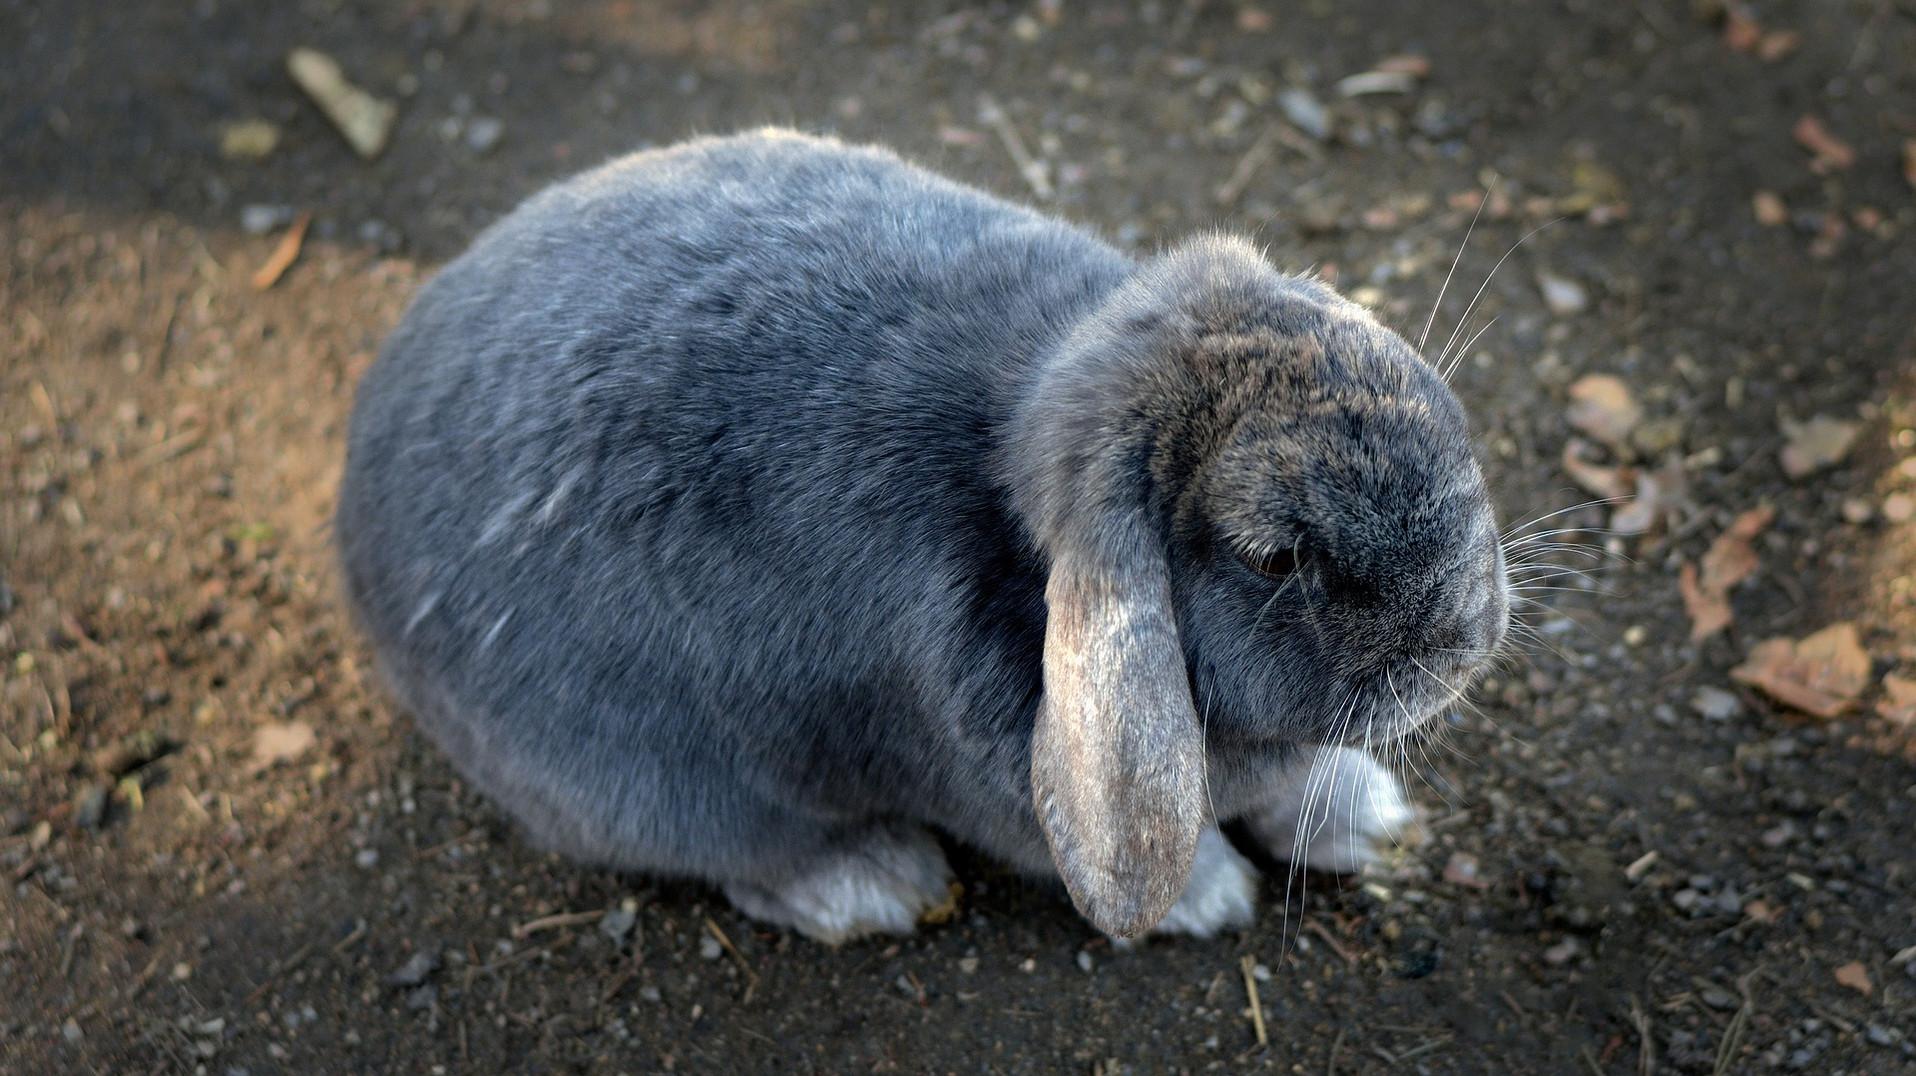 bunny-1276631_1920.jpg